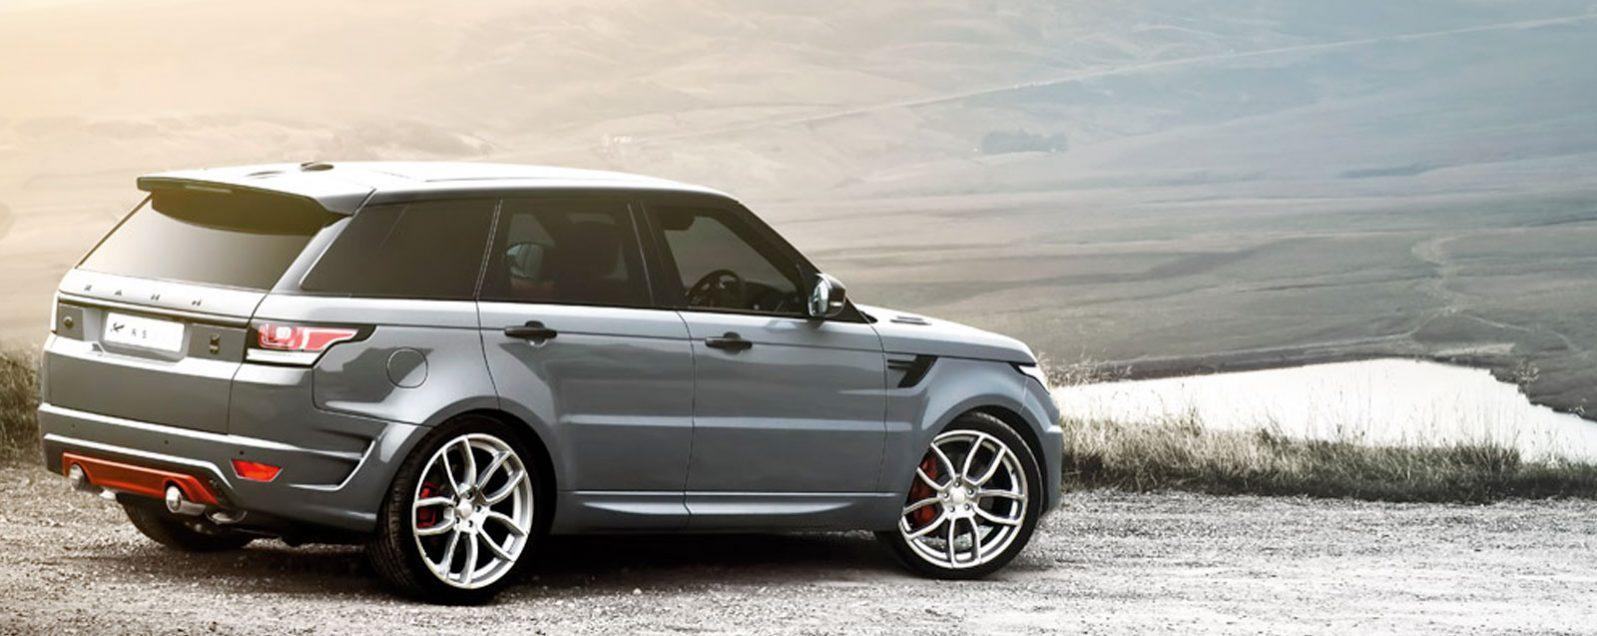 Kahn Range Rover Sport